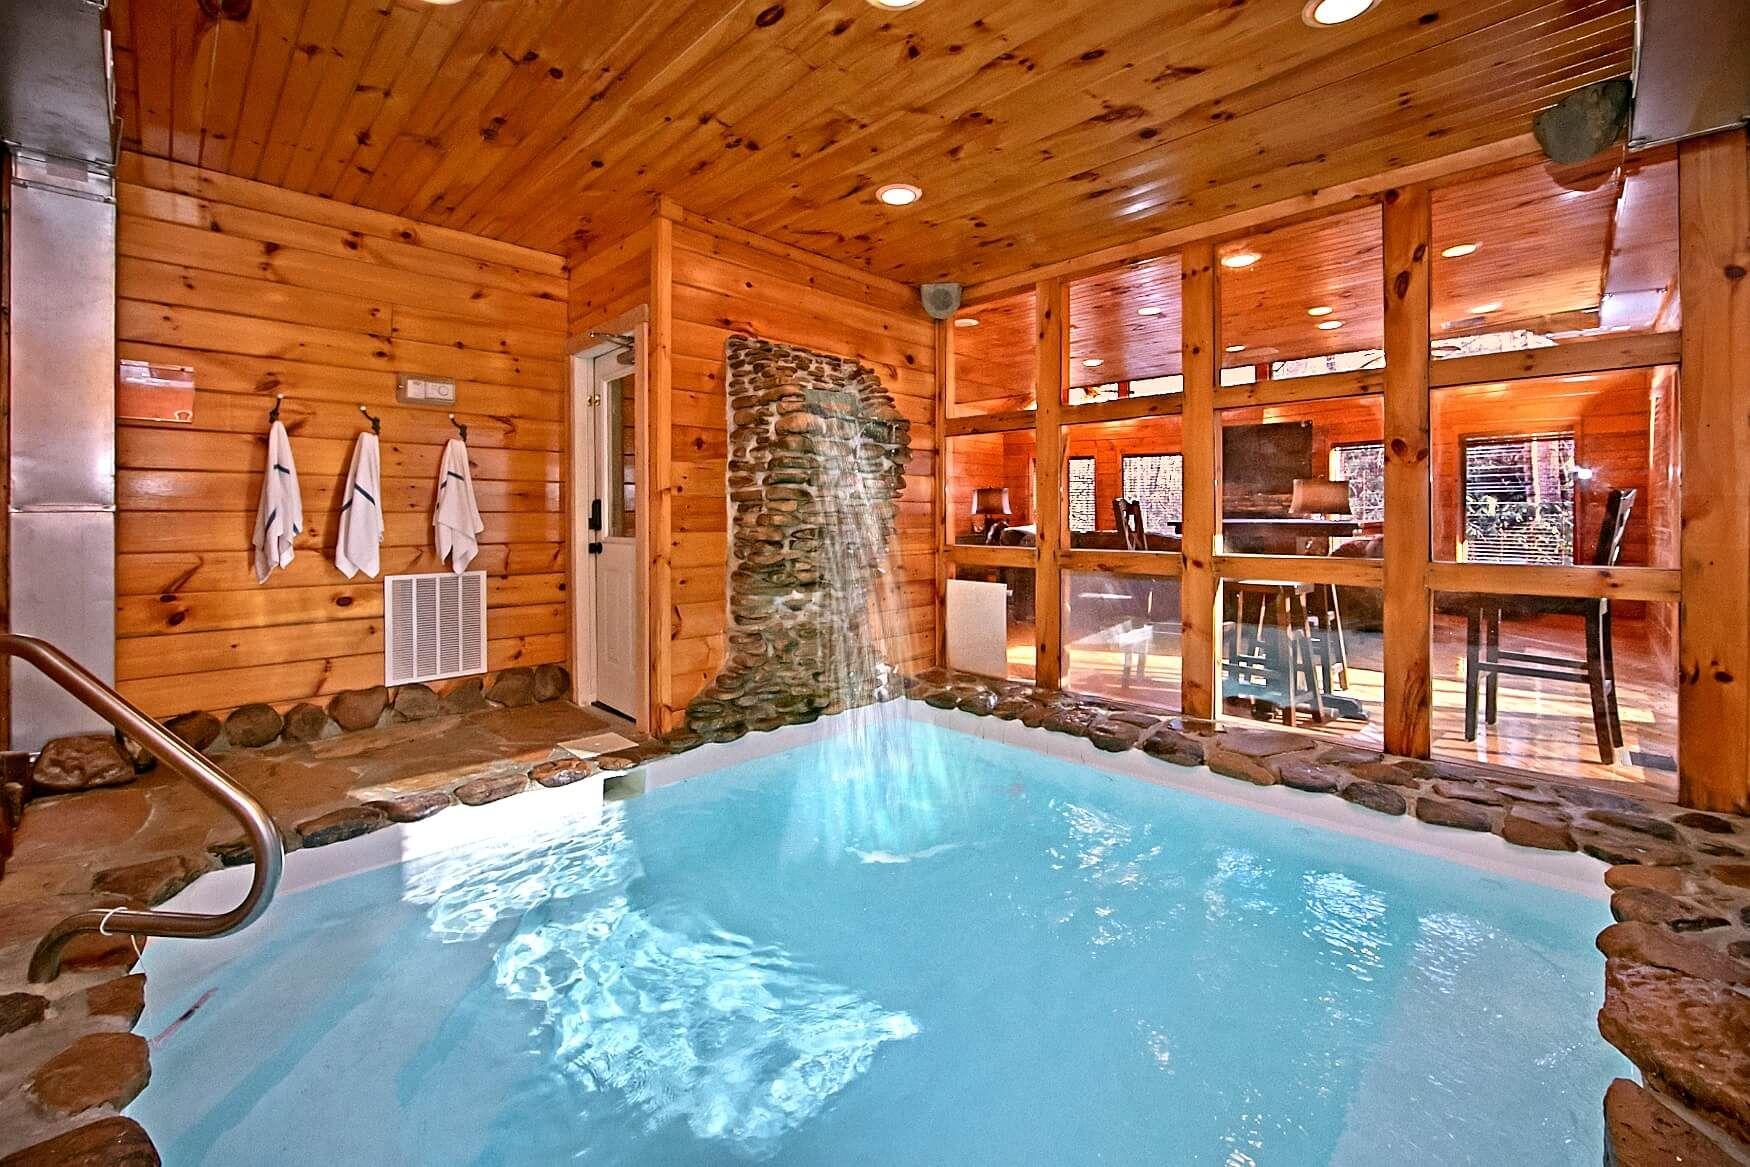 2 Bedroom Pool Cabin In Gatlinburg Gatlinburg Cabin Rentals Tennessee Cabins Cabins In Gatlinburg Tn